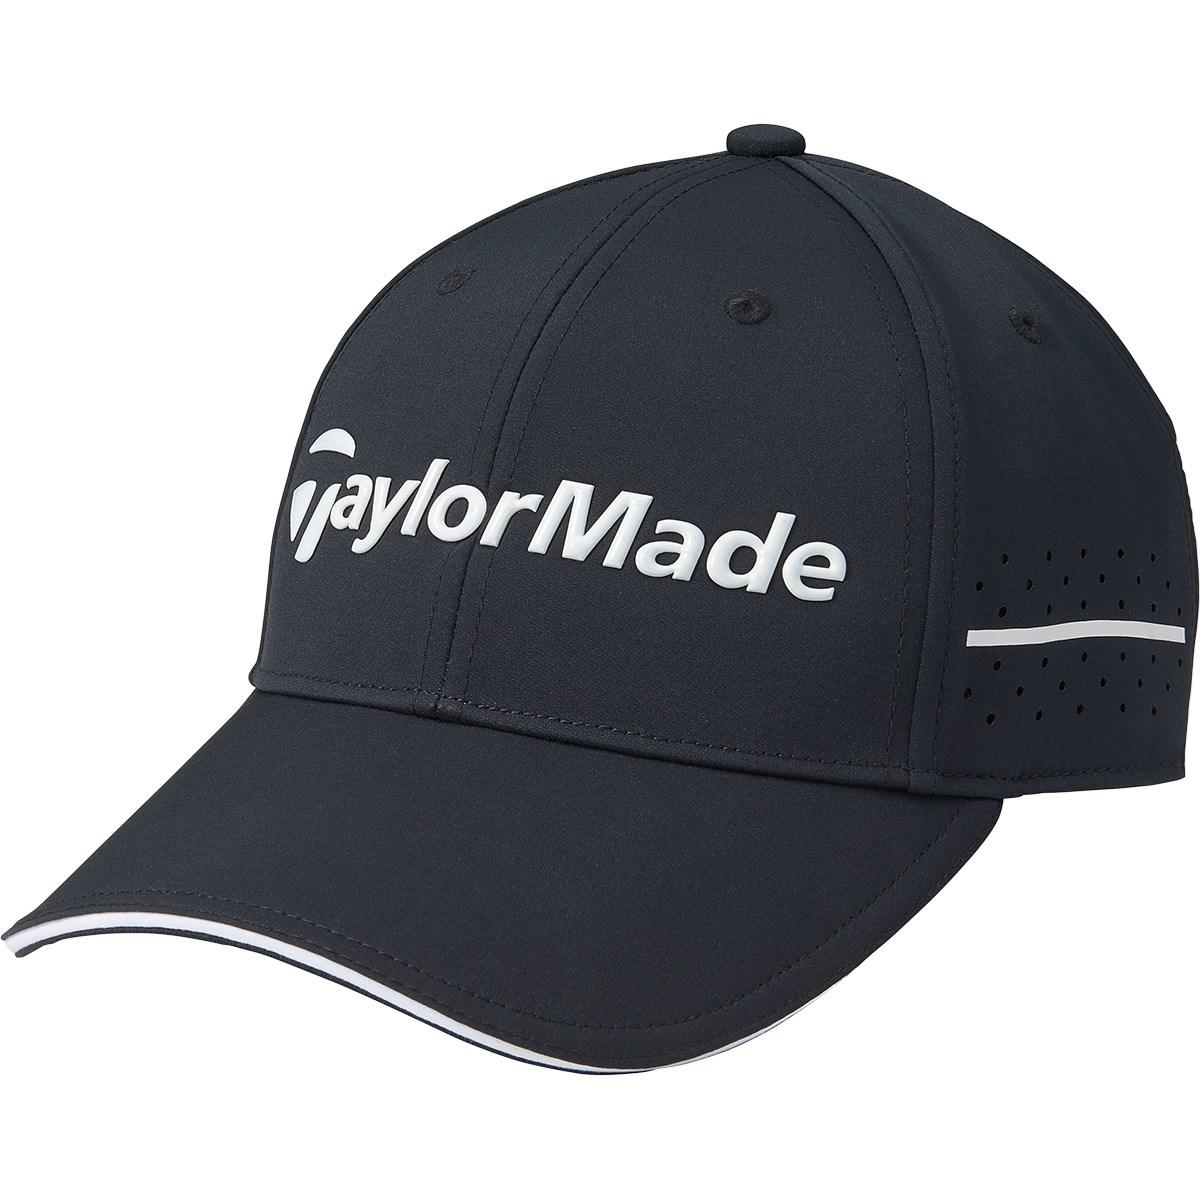 テーラーメイド(Taylor Made) パンチングキャップ